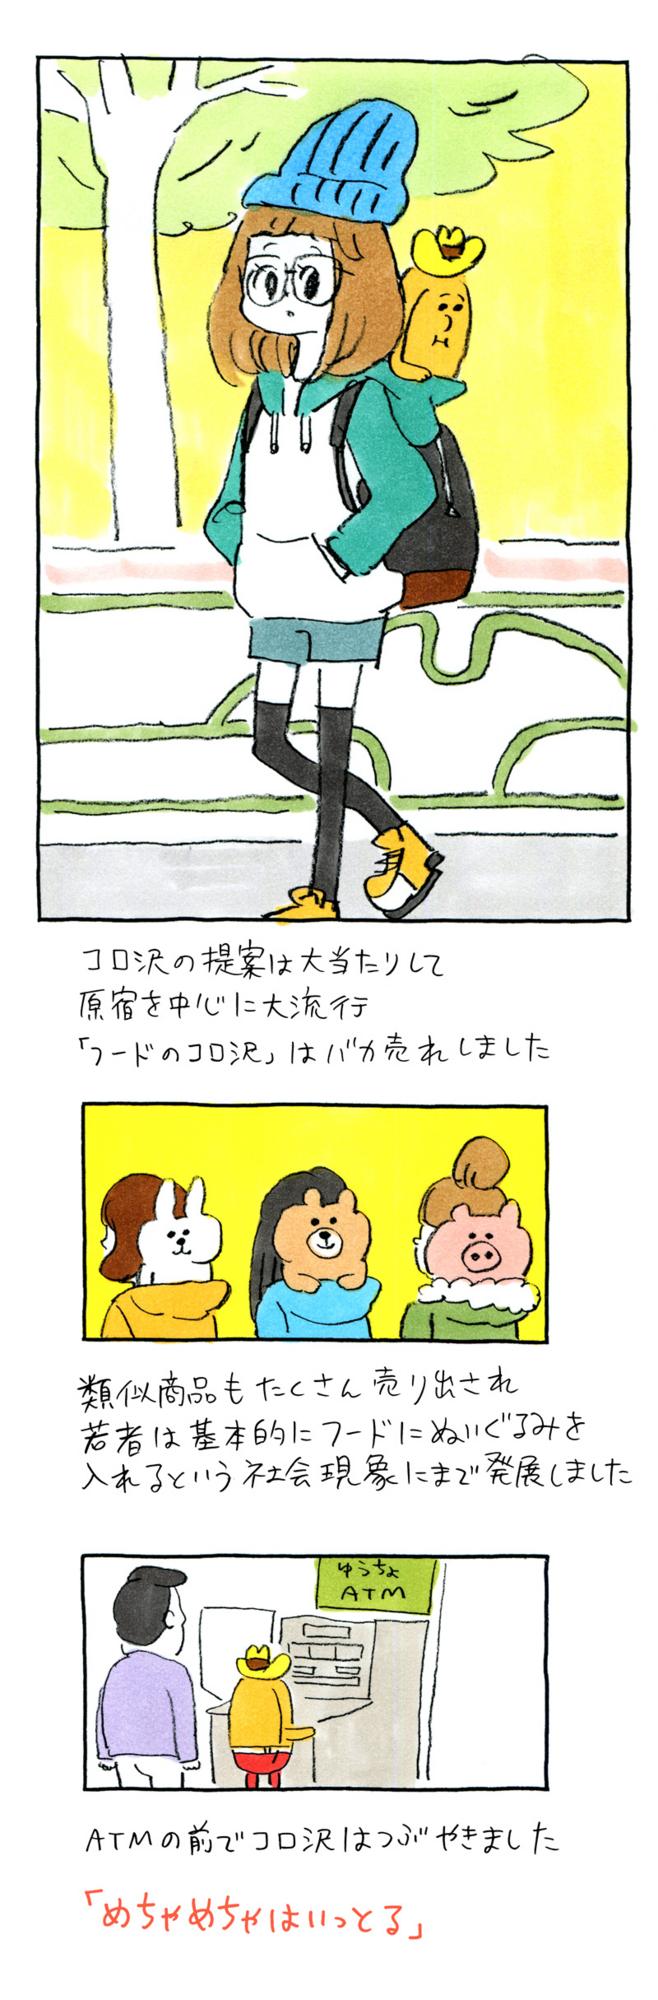 f:id:kakijiro:20151221124718j:plain